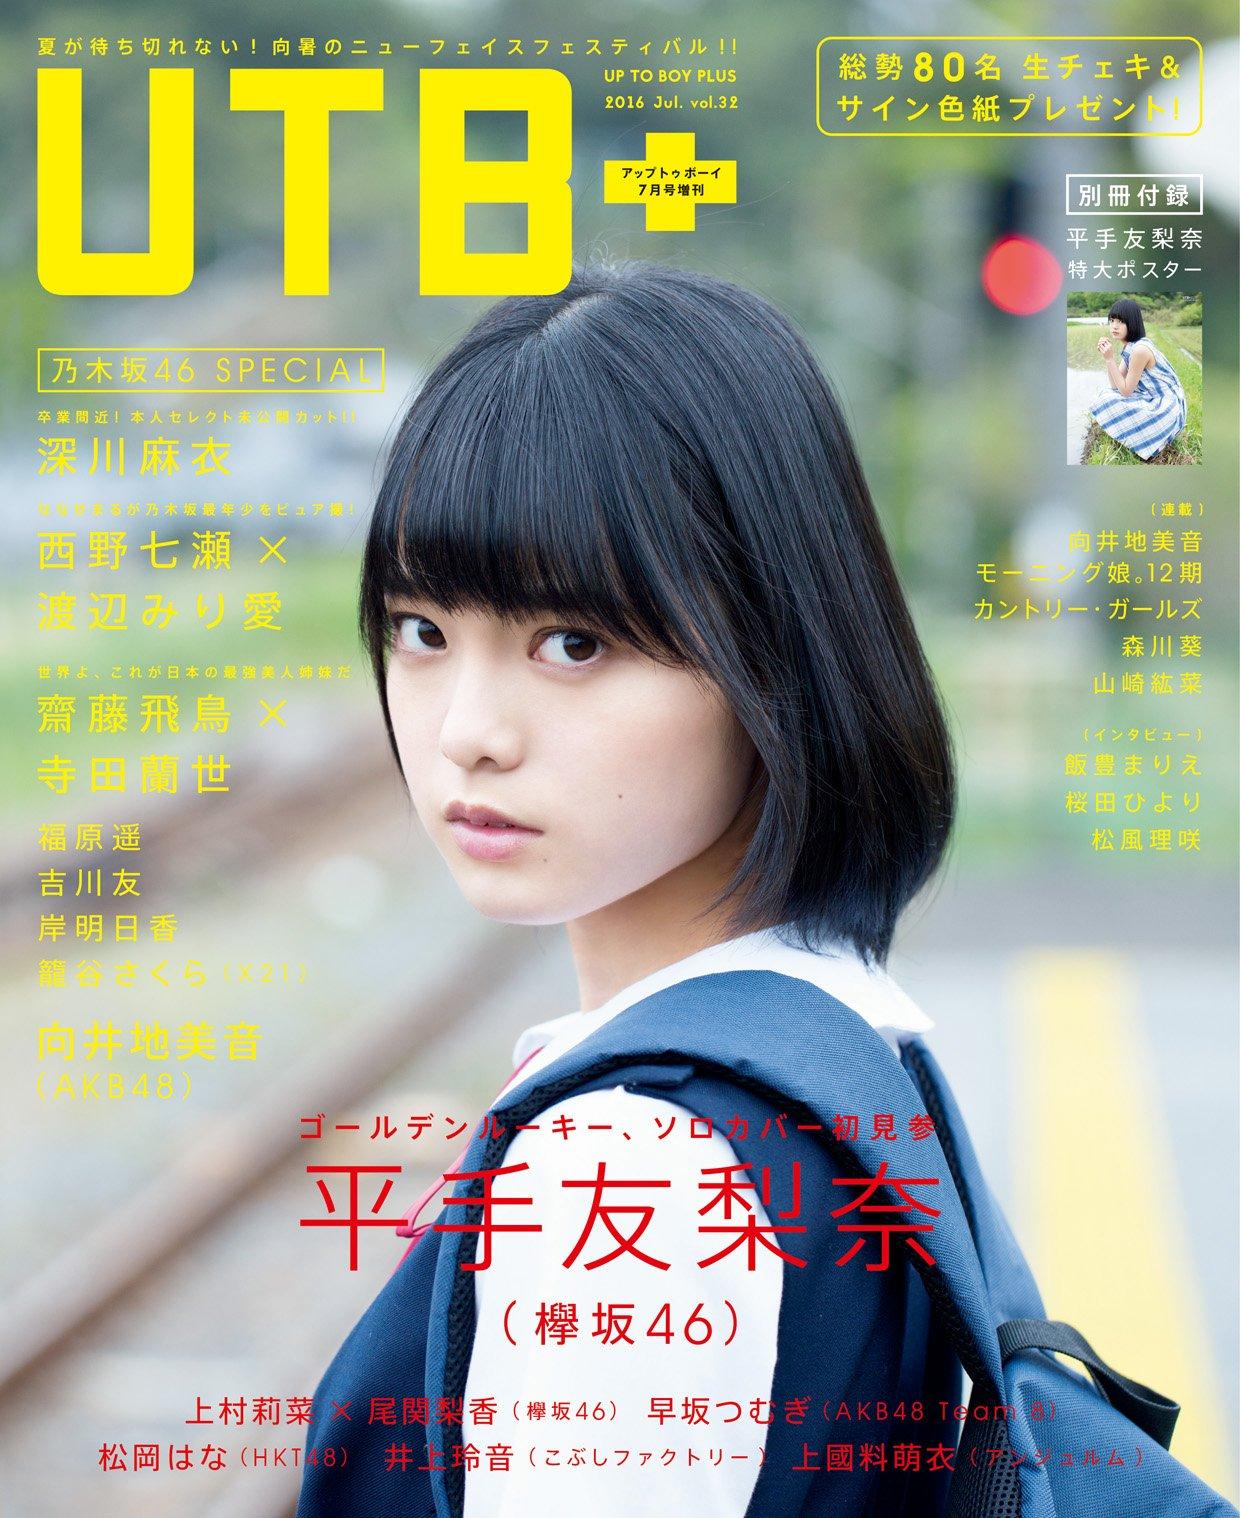 欅坂46平手友梨奈が「UTB+」初ソロ表紙で裏表紙も独占、卒業直前・乃木坂46深川麻衣インタビューも